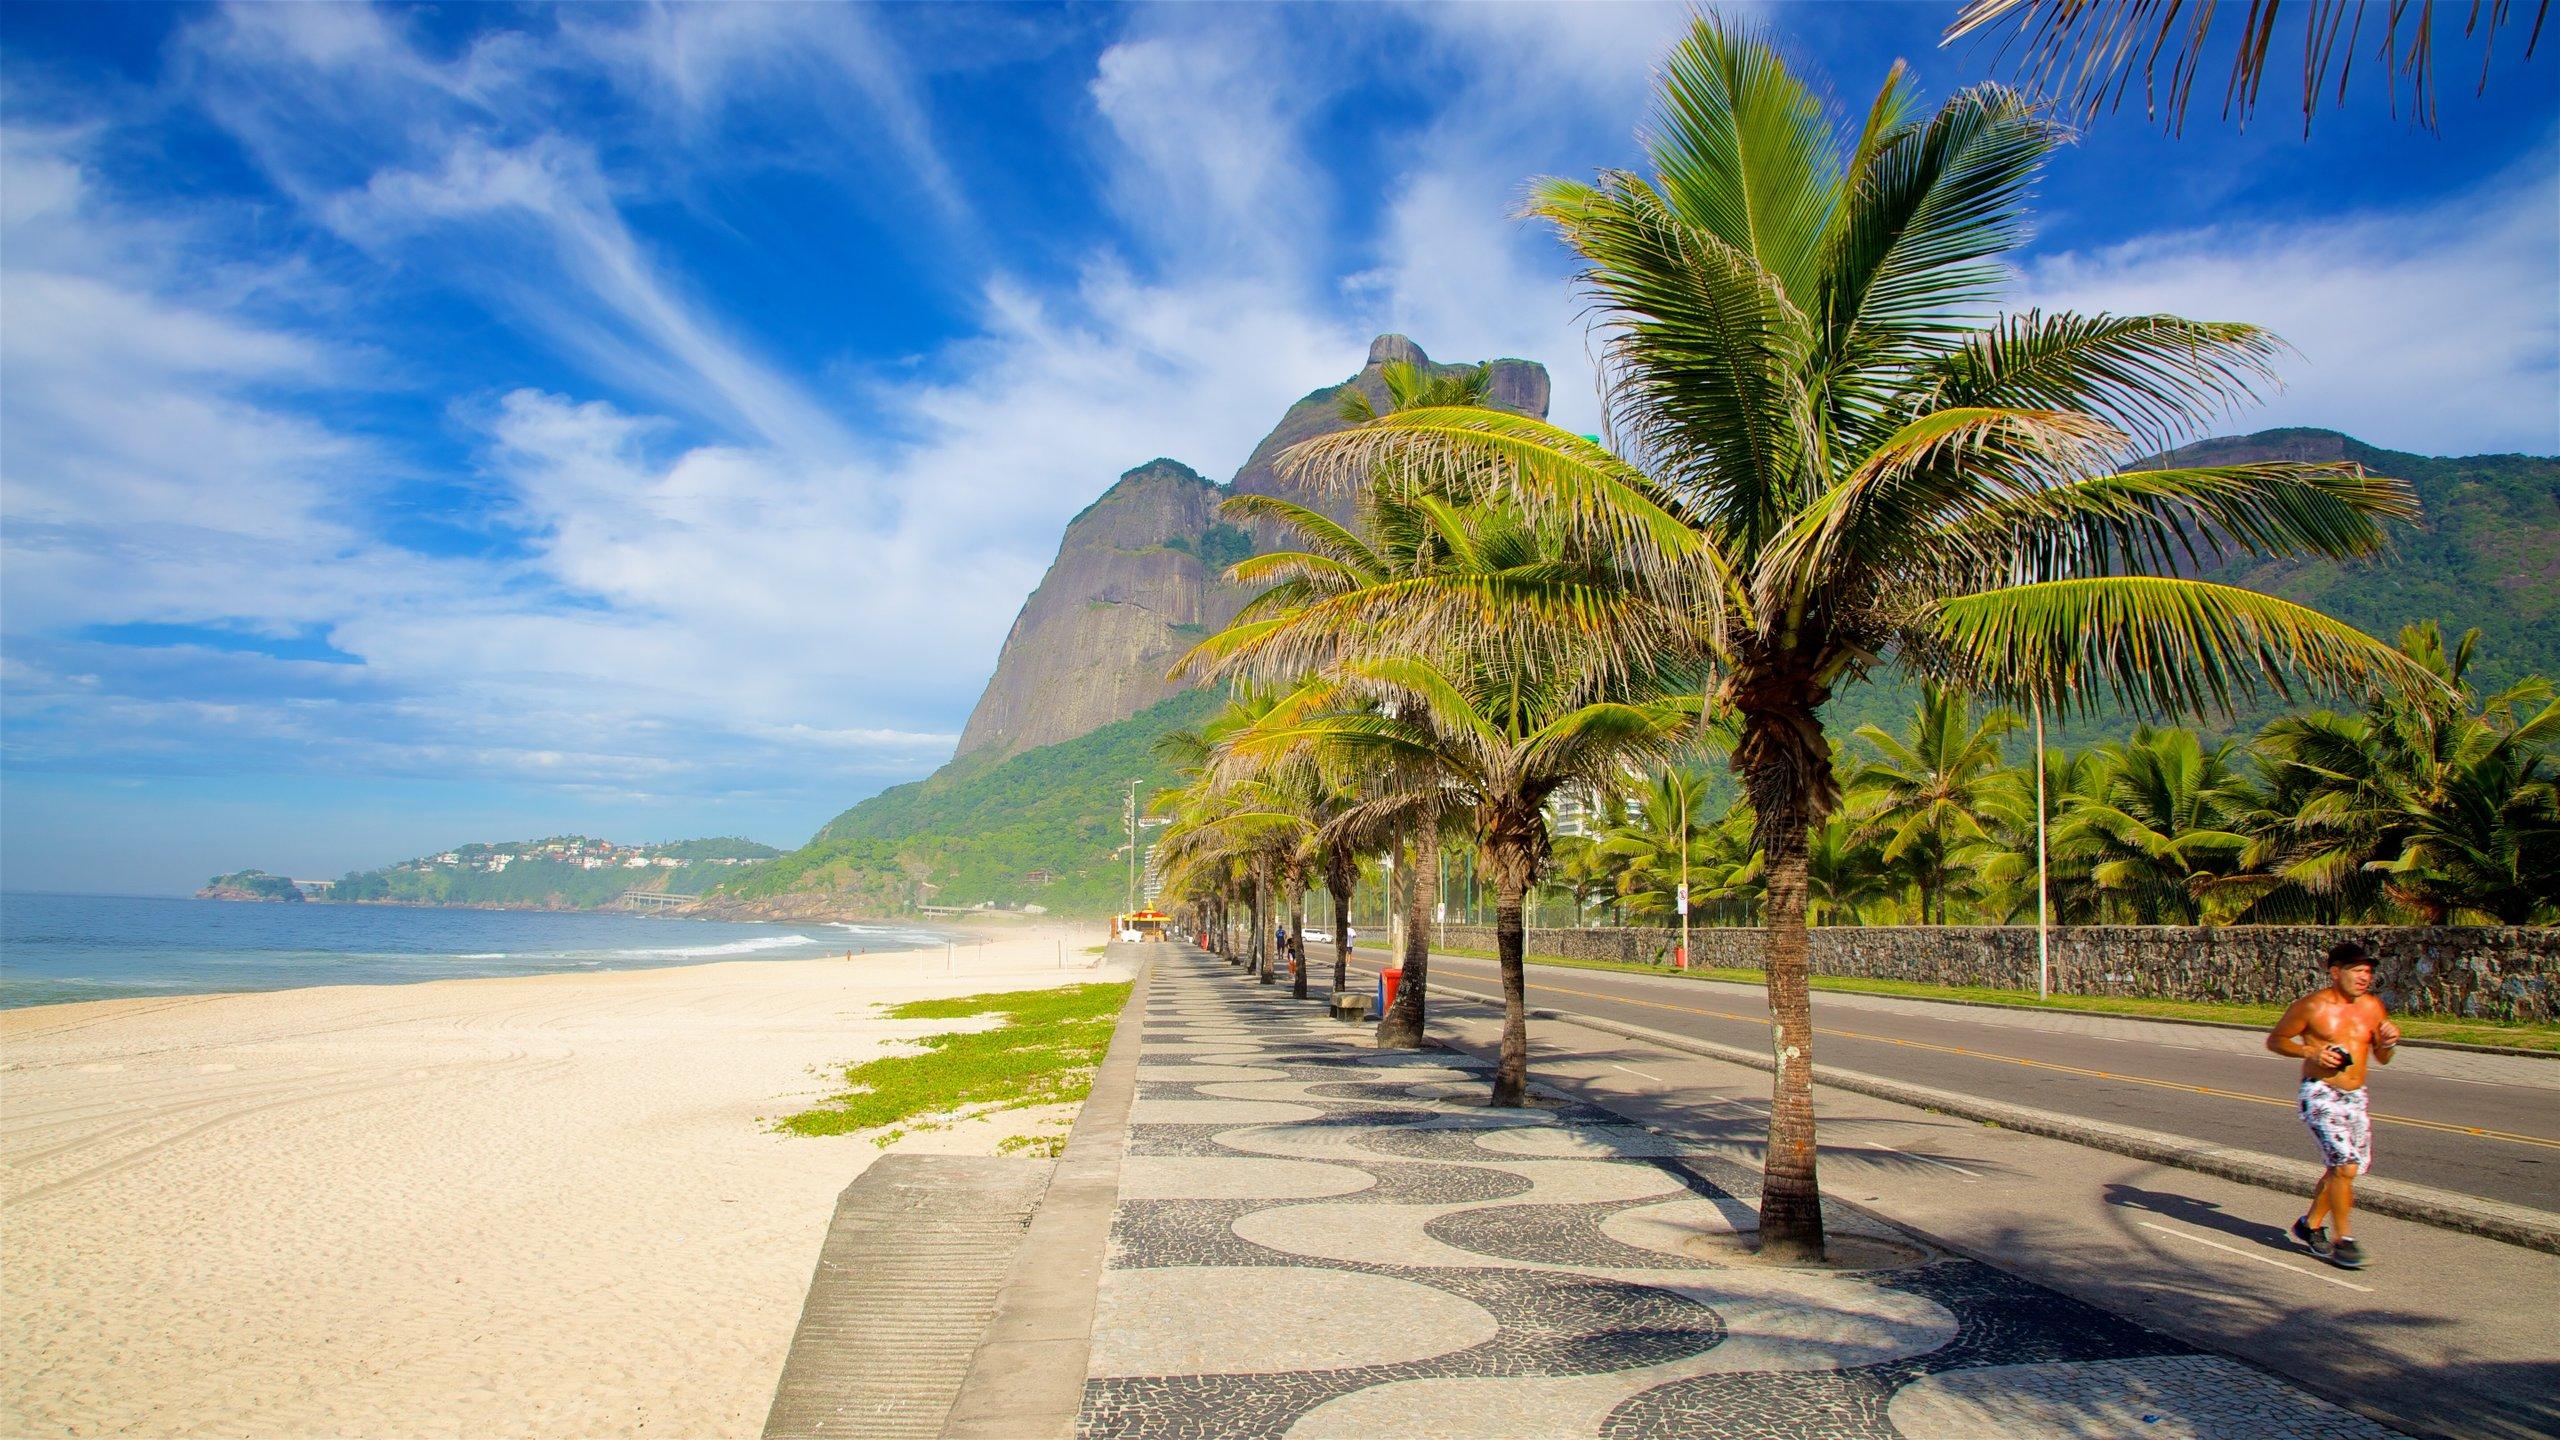 Sao Conrado, Rio de Janeiro, Rio de Janeiro State, Brazil